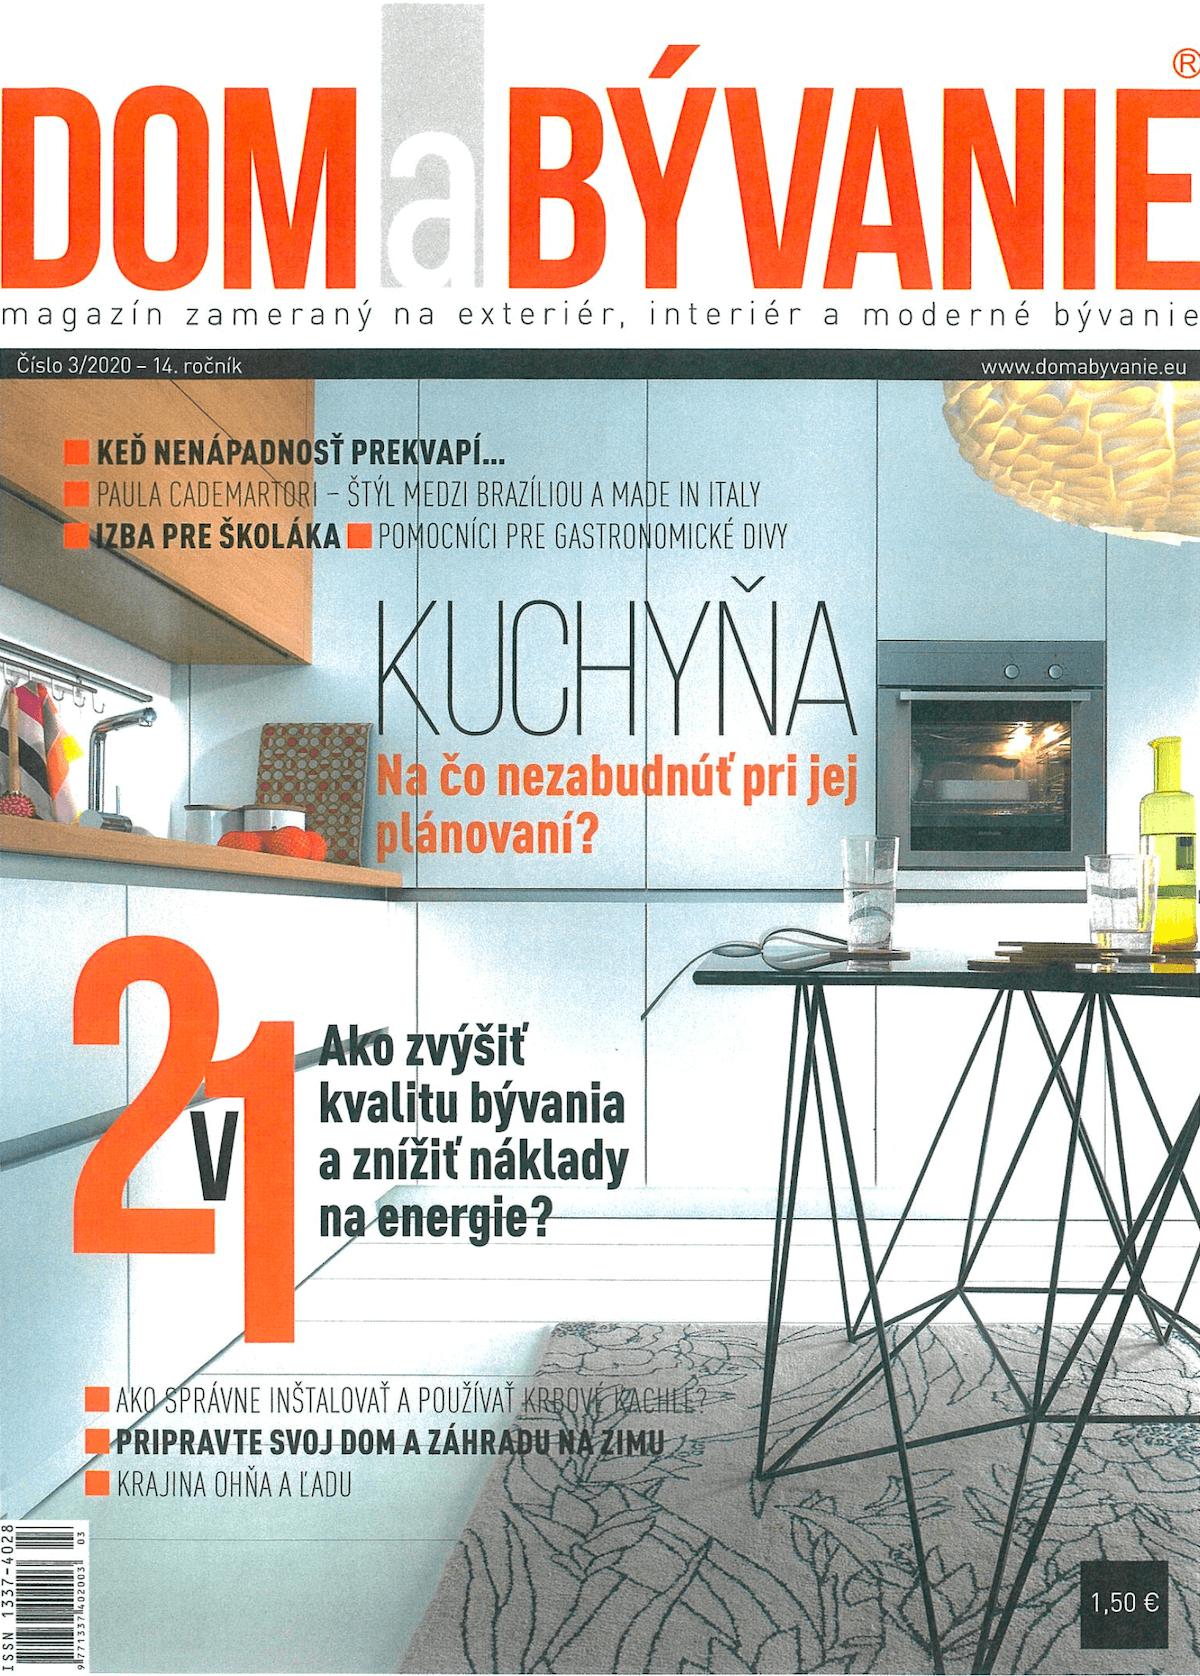 Titulka časopisu Dom a Bývanie